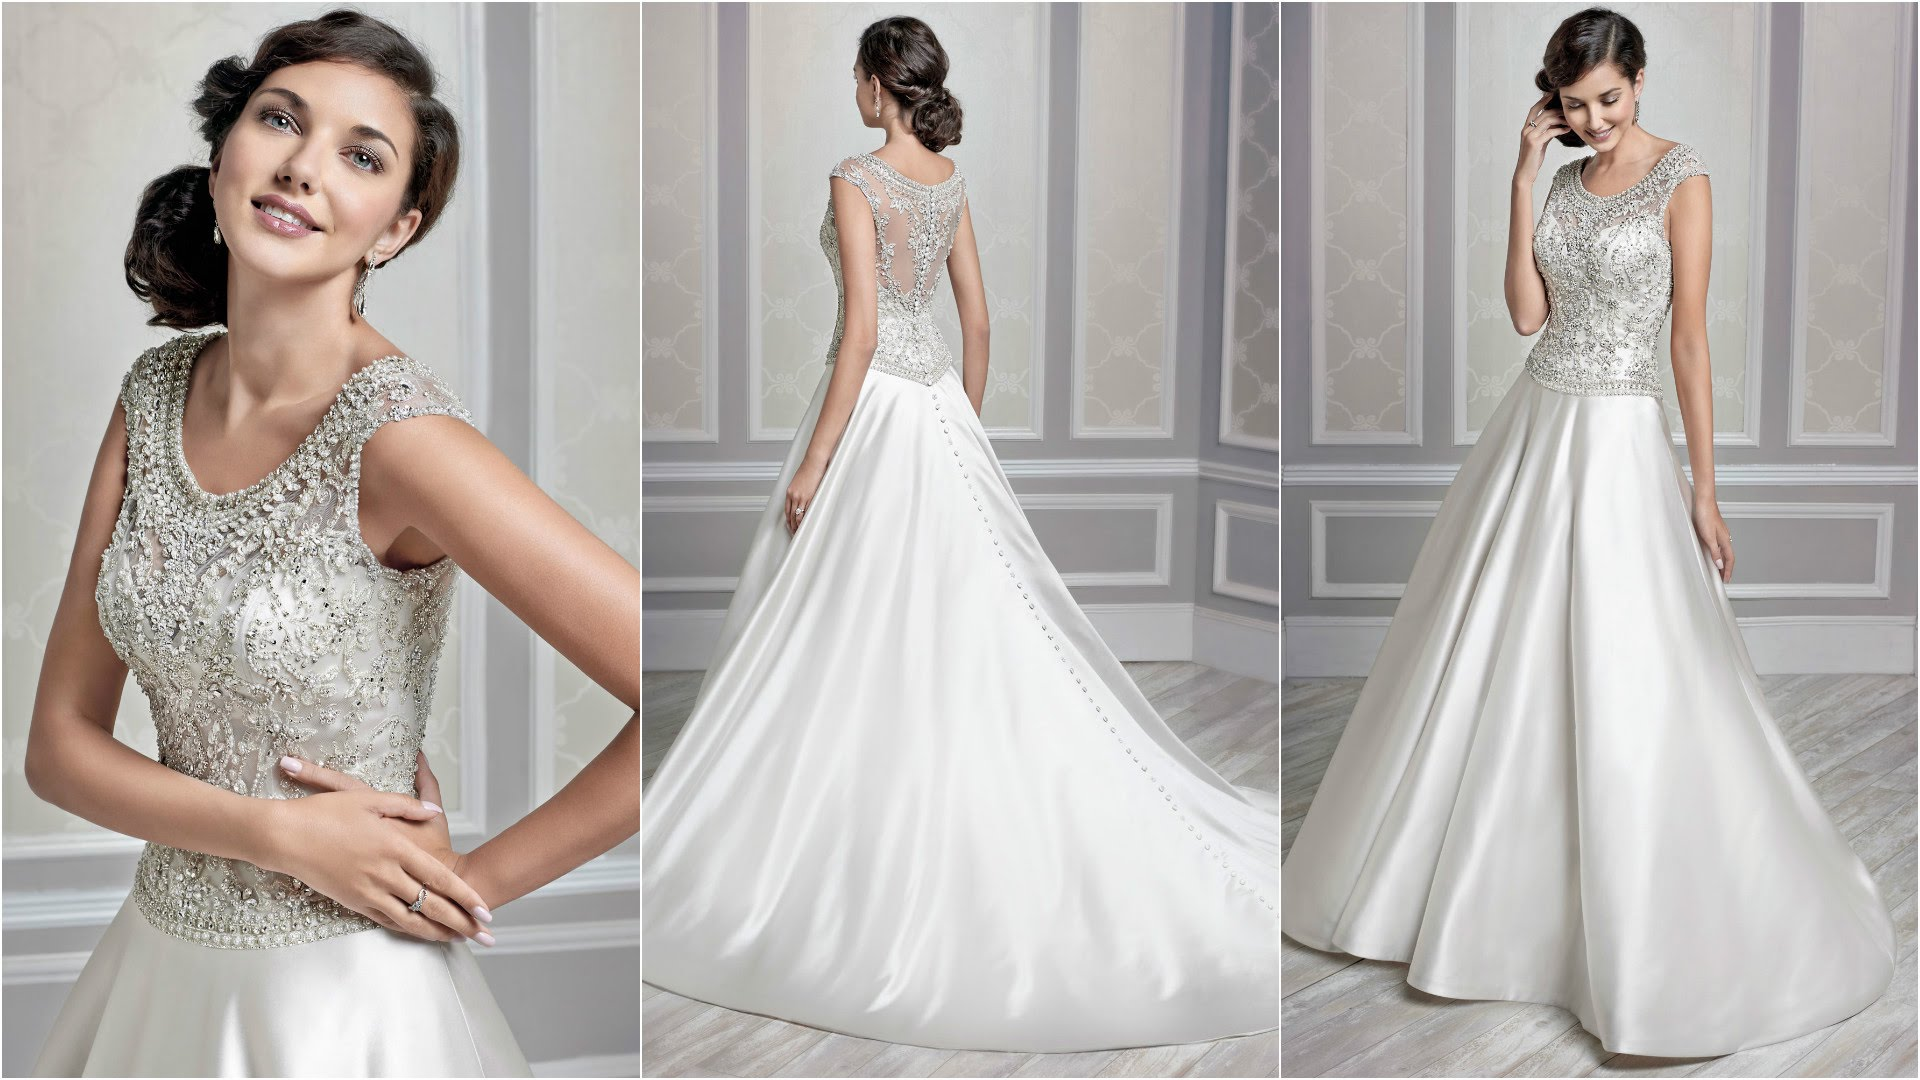 Lovely Wedding Dress Trends for 2017 | Wedding